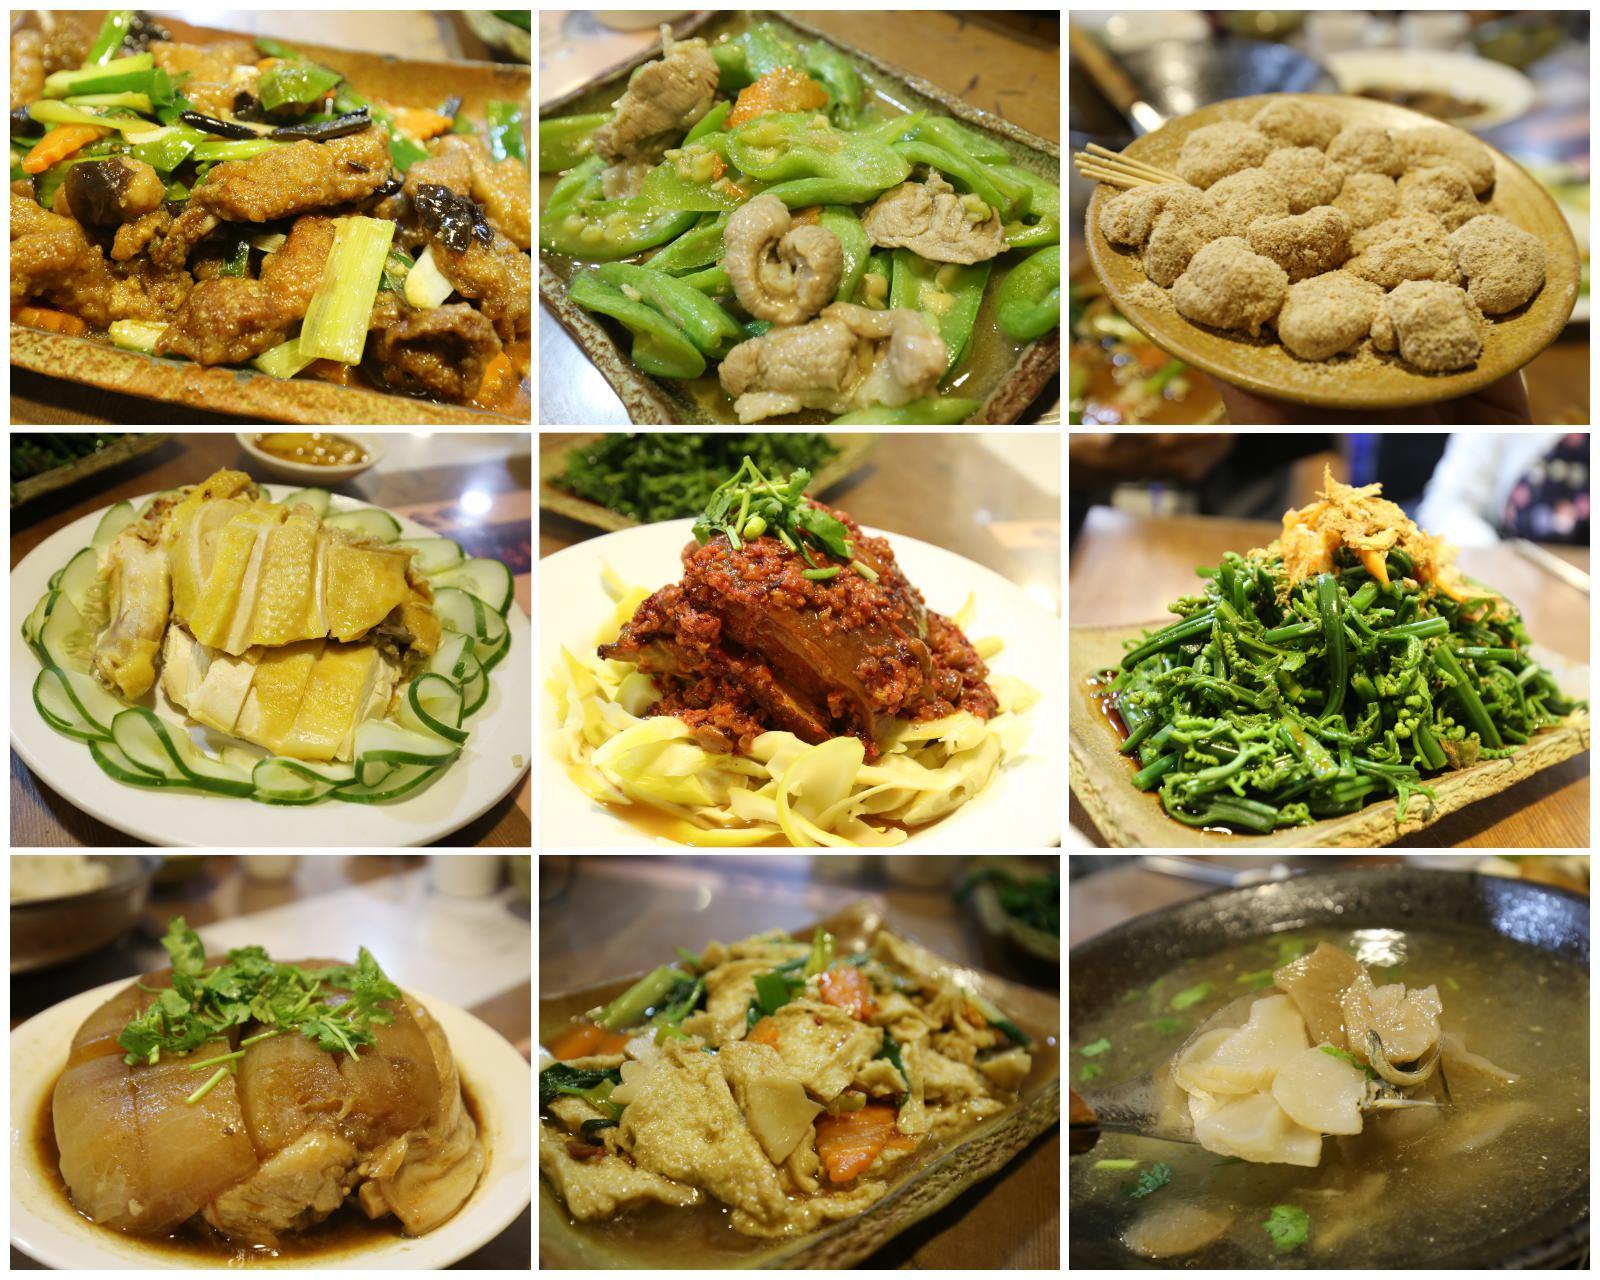 三義美食推薦|苗栗三義勝興客棧 道地客家風味餐、手造米食、手路醬菜及客家擂茶都很厲害